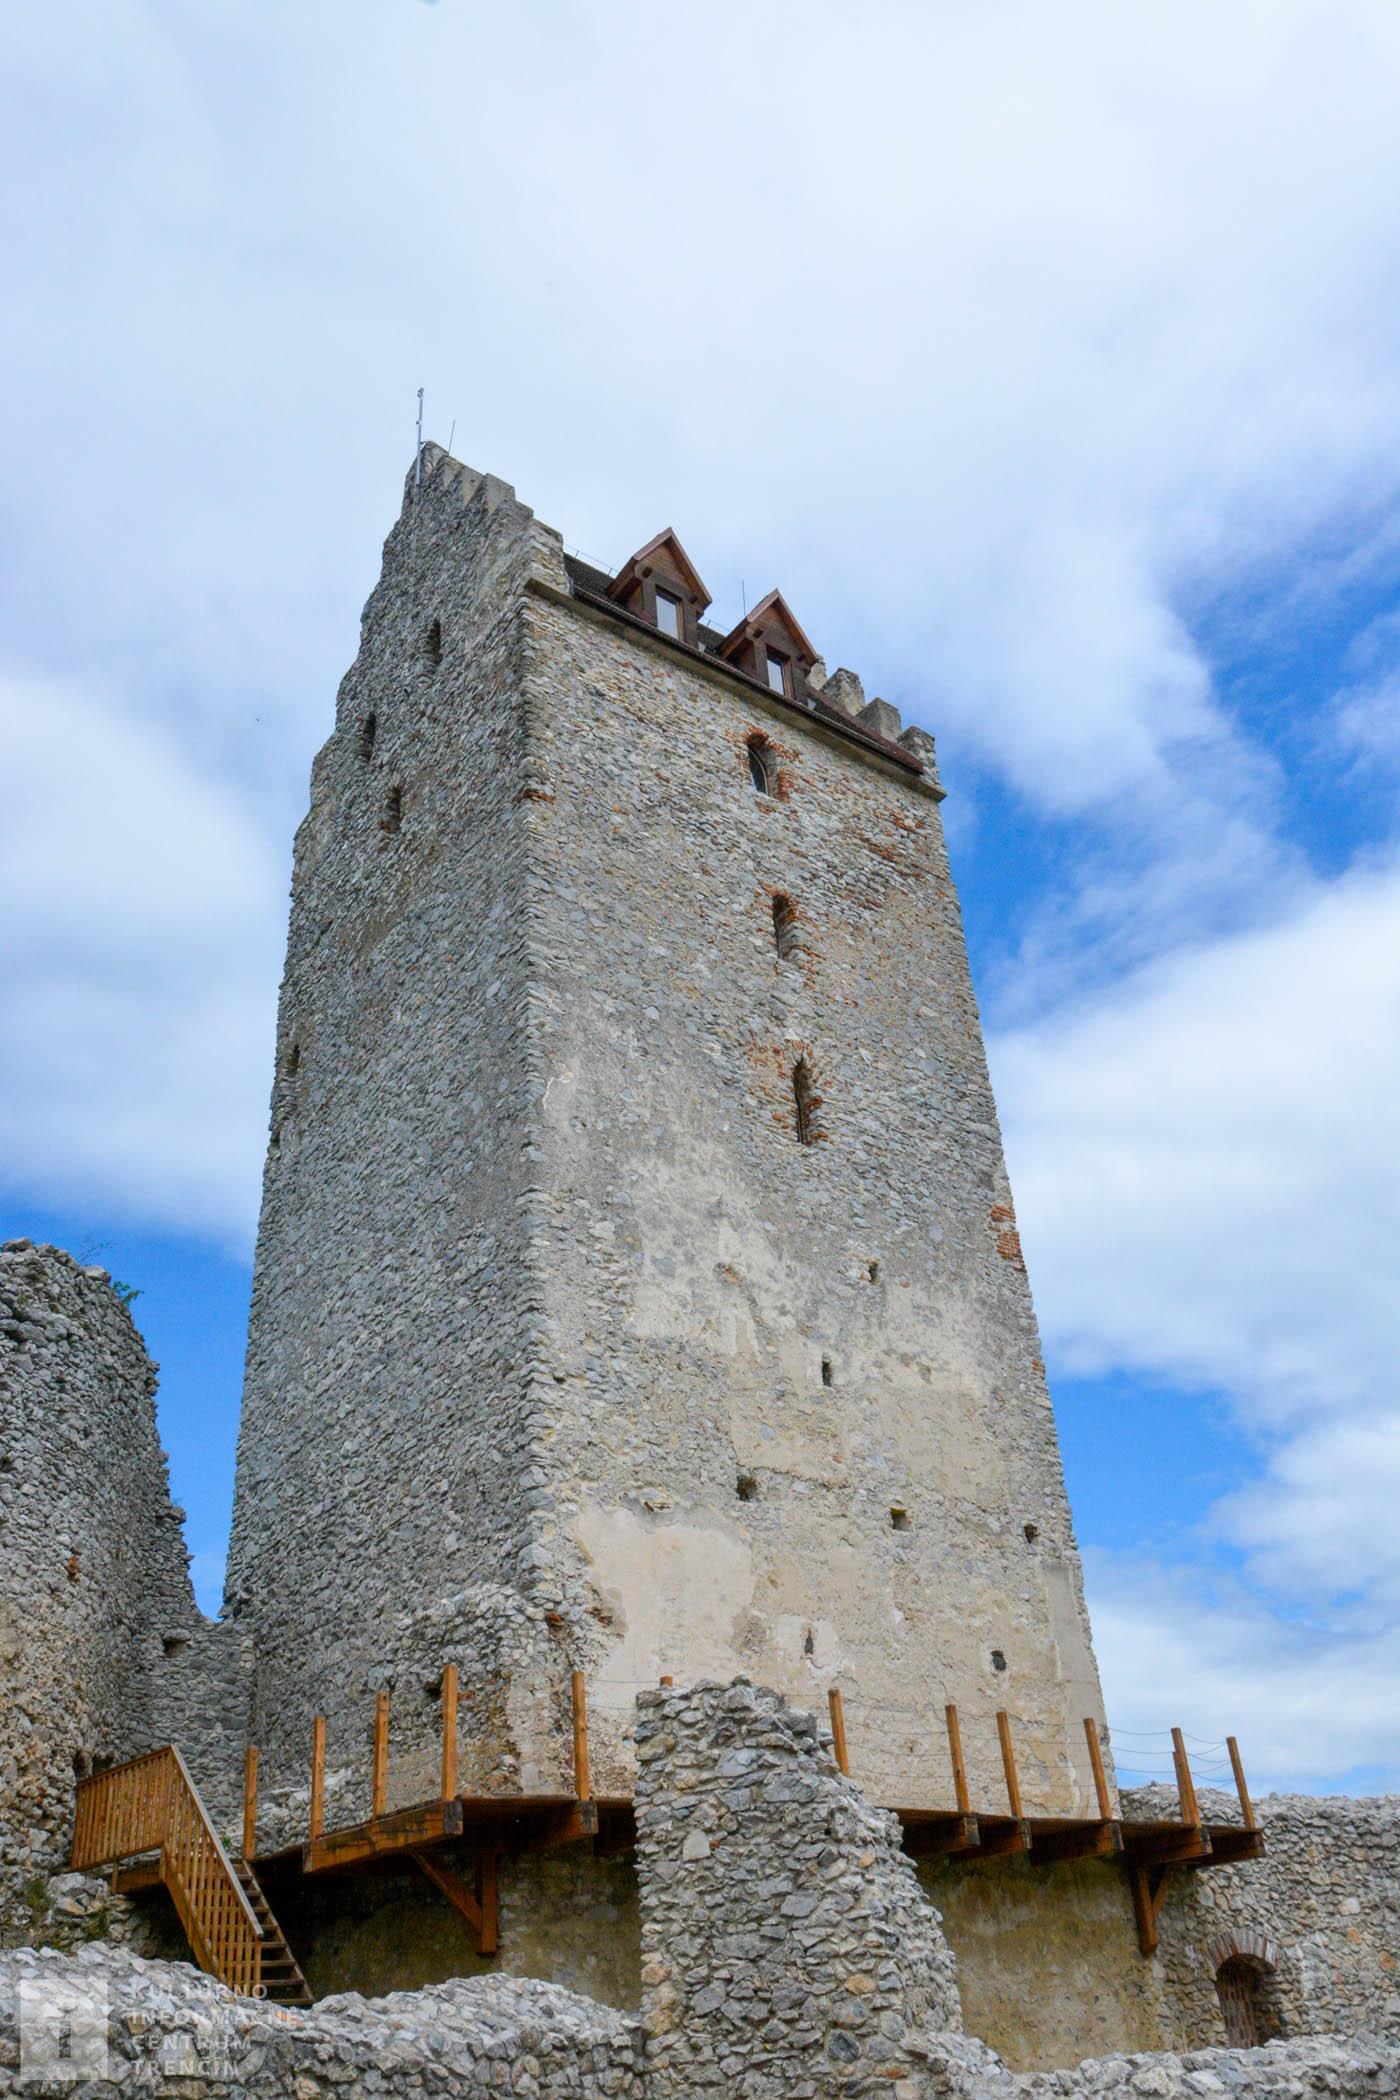 Koncom 19. storočia bola v romantickom slohu dostavaná hlavná veža, ktorá je skutočnou dominantou celého opevneného komplexu.